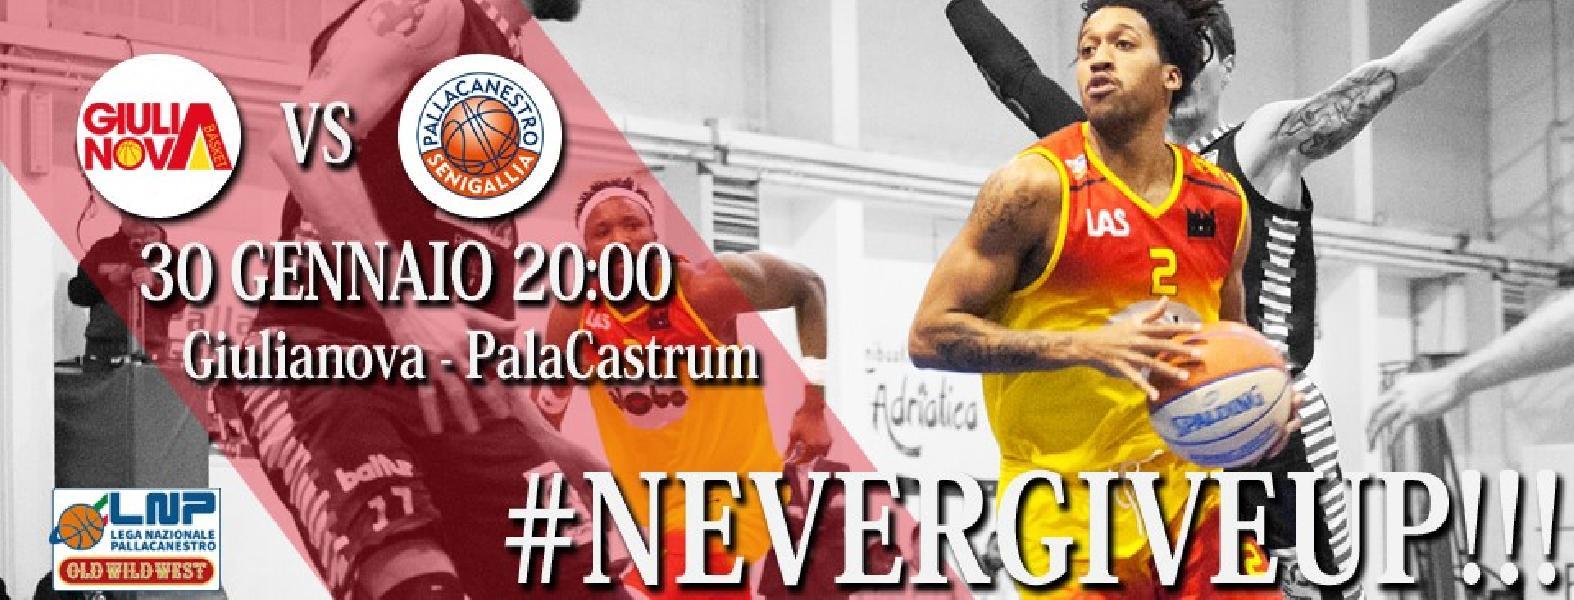 https://www.basketmarche.it/immagini_articoli/28-01-2020/giulianova-basket-cerca-continuit-sfida-pallacanestro-giulianova-600.jpg